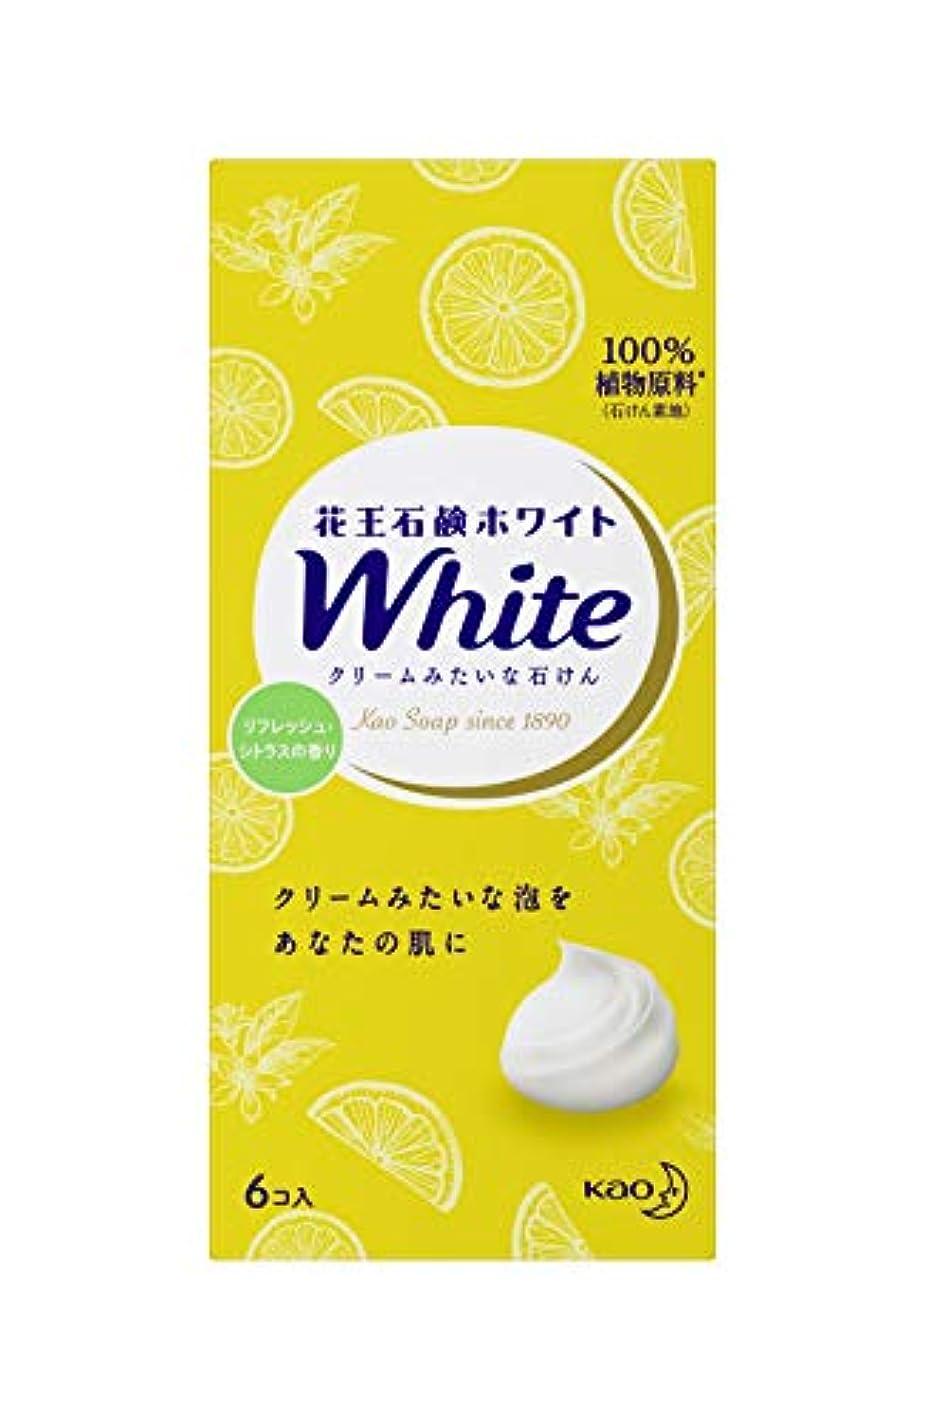 脱獄不利益葉を拾う花王ホワイト リフレッシュシトラスの香り レギュラーサイズ6コ